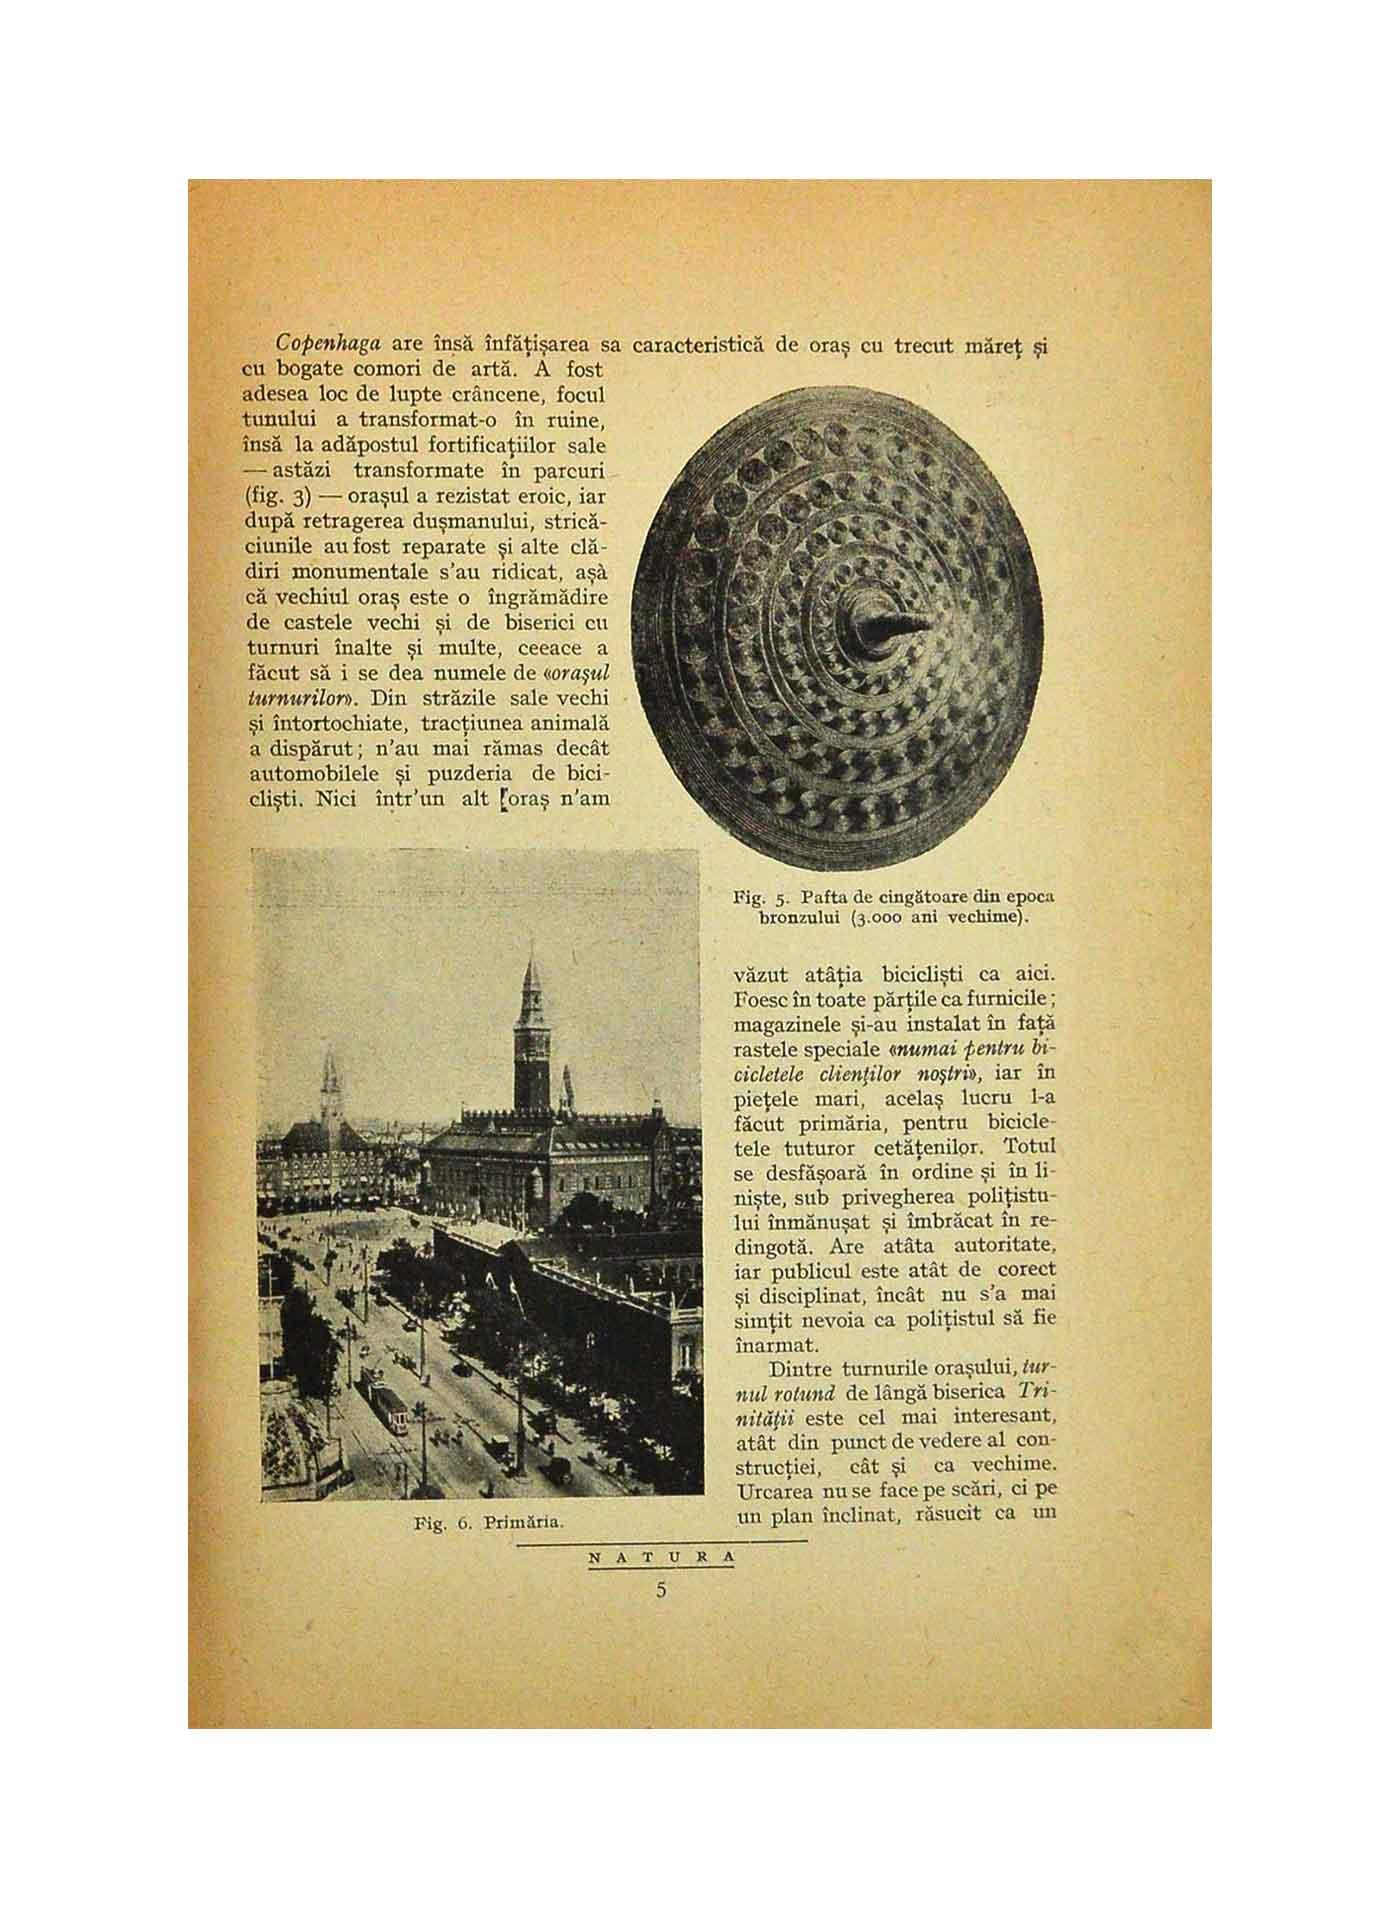 Revista Natura 1929